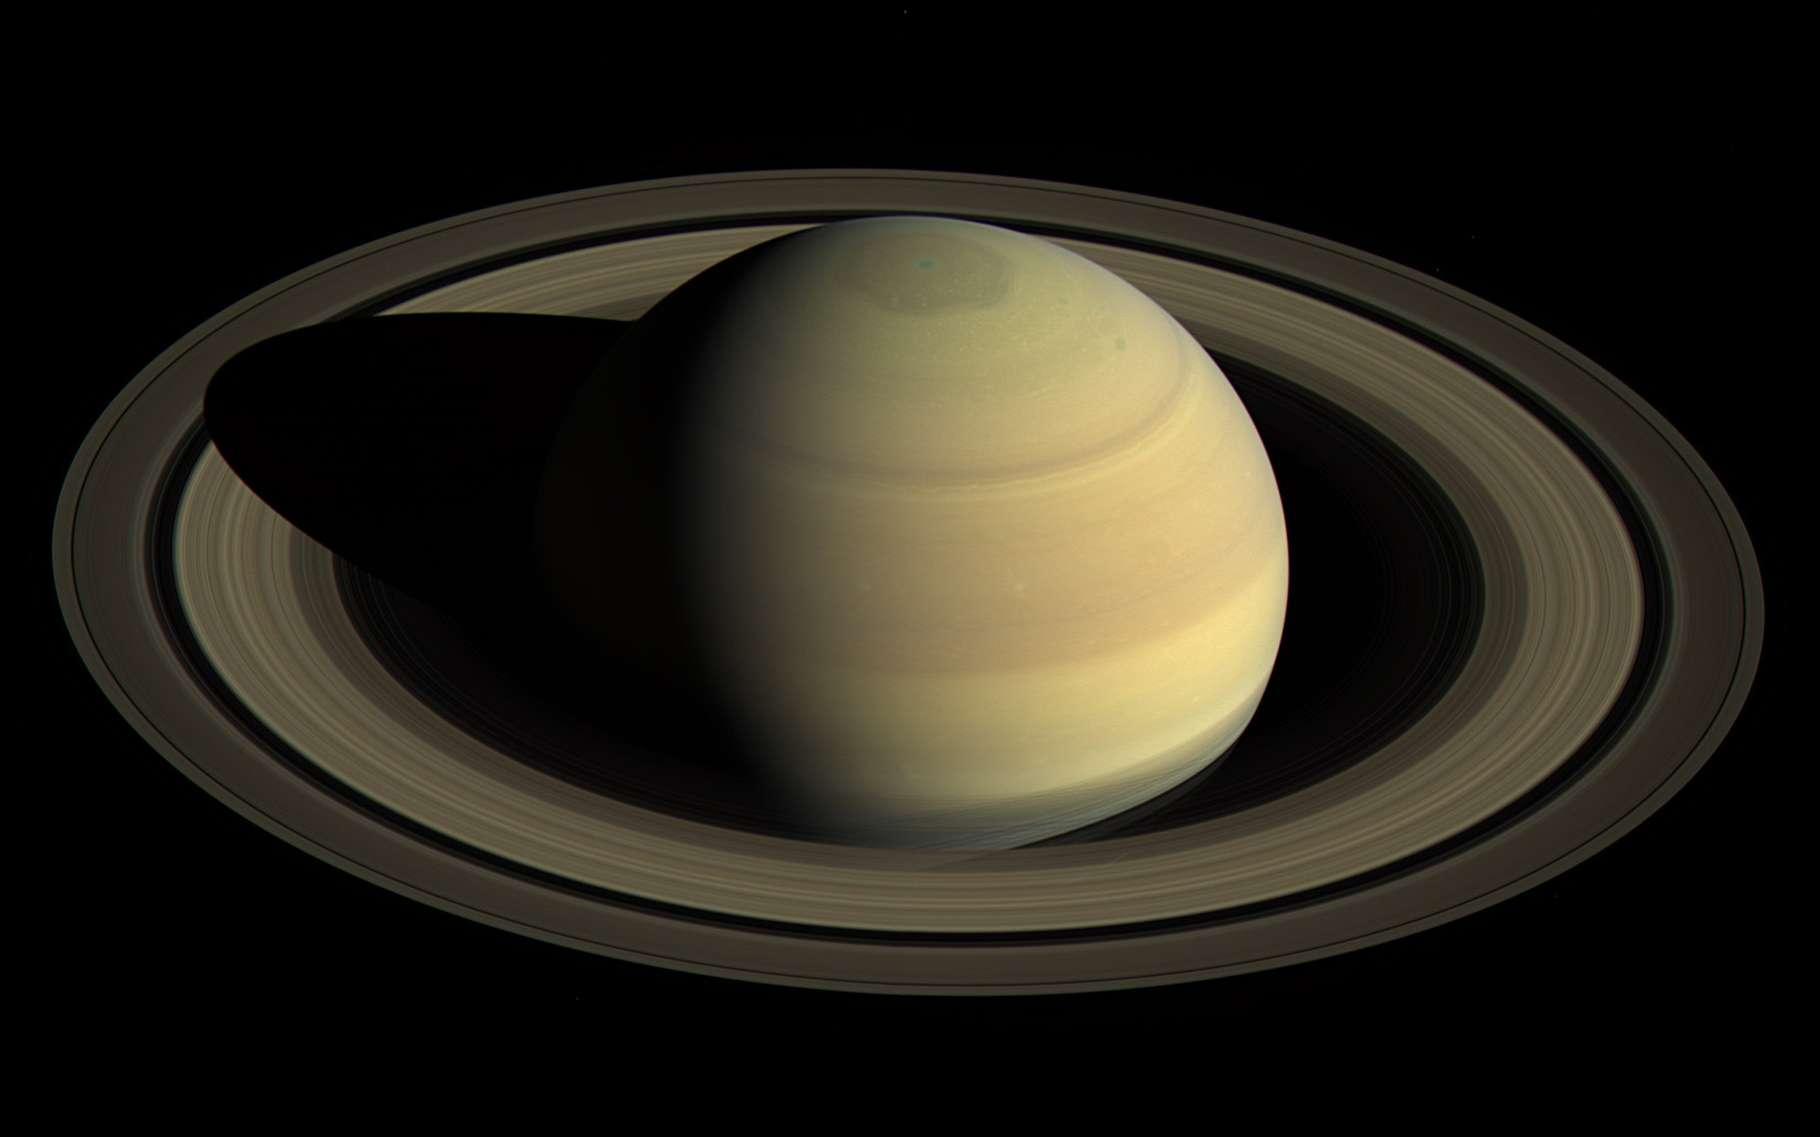 Quelles sont les plus belles découvertes de Cassini ? Ici, Saturne vue par la sonde Cassini en avril 2016 depuis une distance d'environ 3 millions de kilomètres, avec une résolution de 178 kilomètres par pixel. © Nasa, JPL-Caltech, Space Science Institute